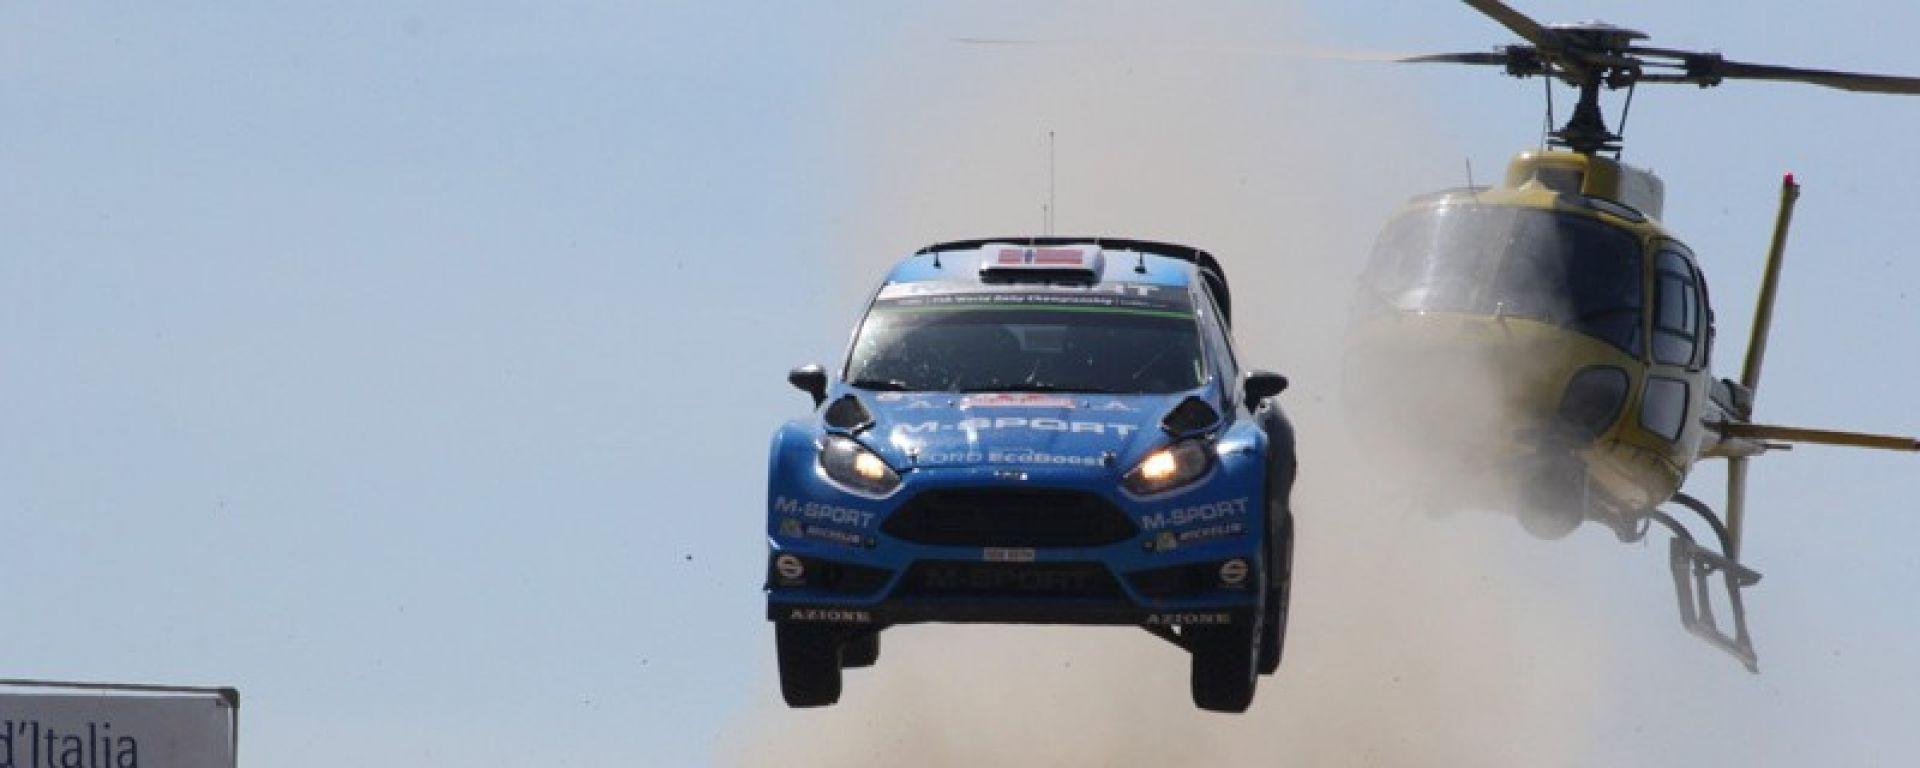 F1?! La Rai punta tutto sul Rally di Sardegna 2018